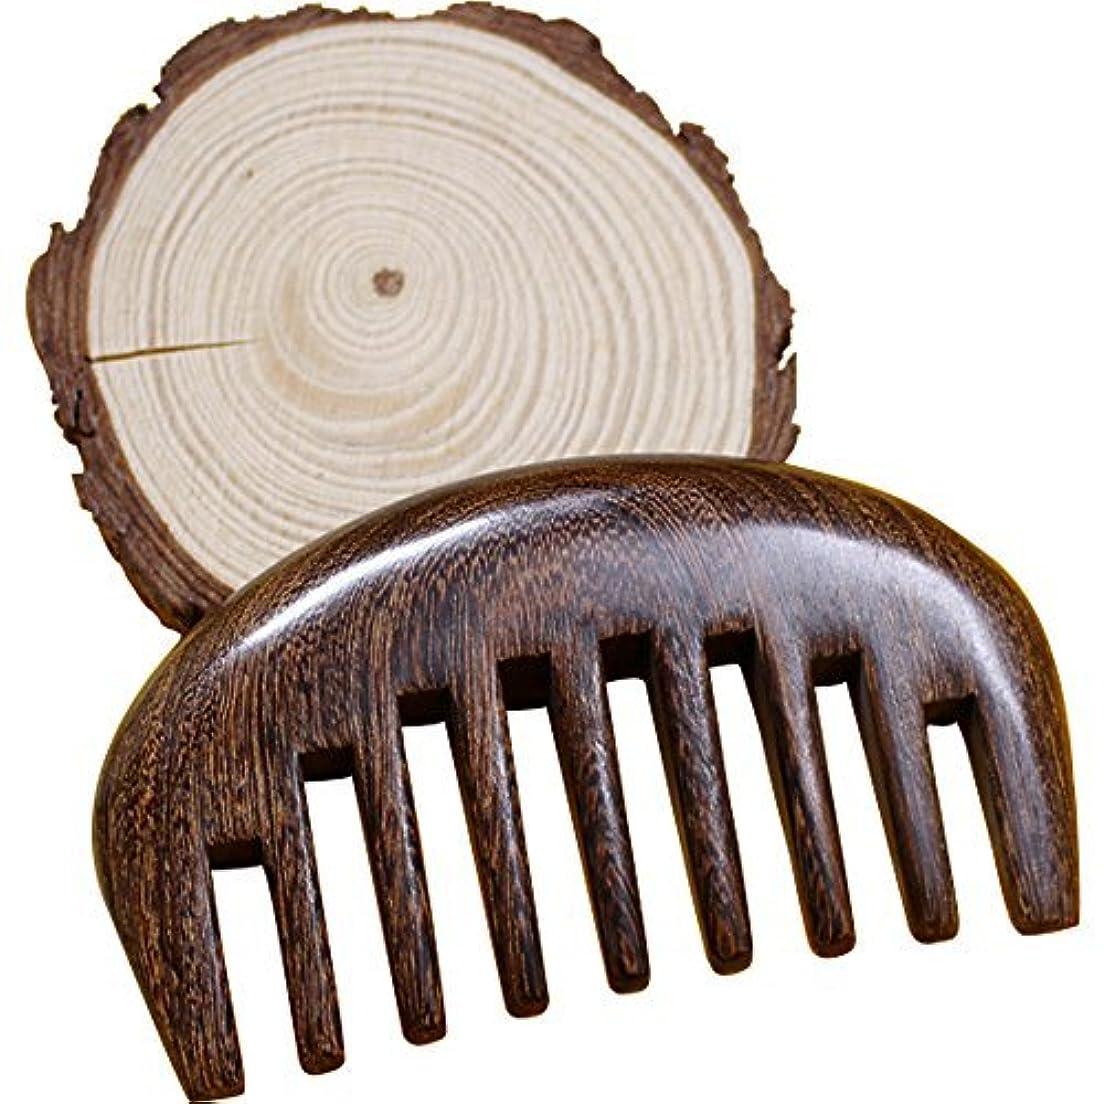 モネその後致死Wood comb Wooden wide tooth hair comb detangler brush -Anti Static Sandalwood Scent handmad with gift package [並行輸入品]